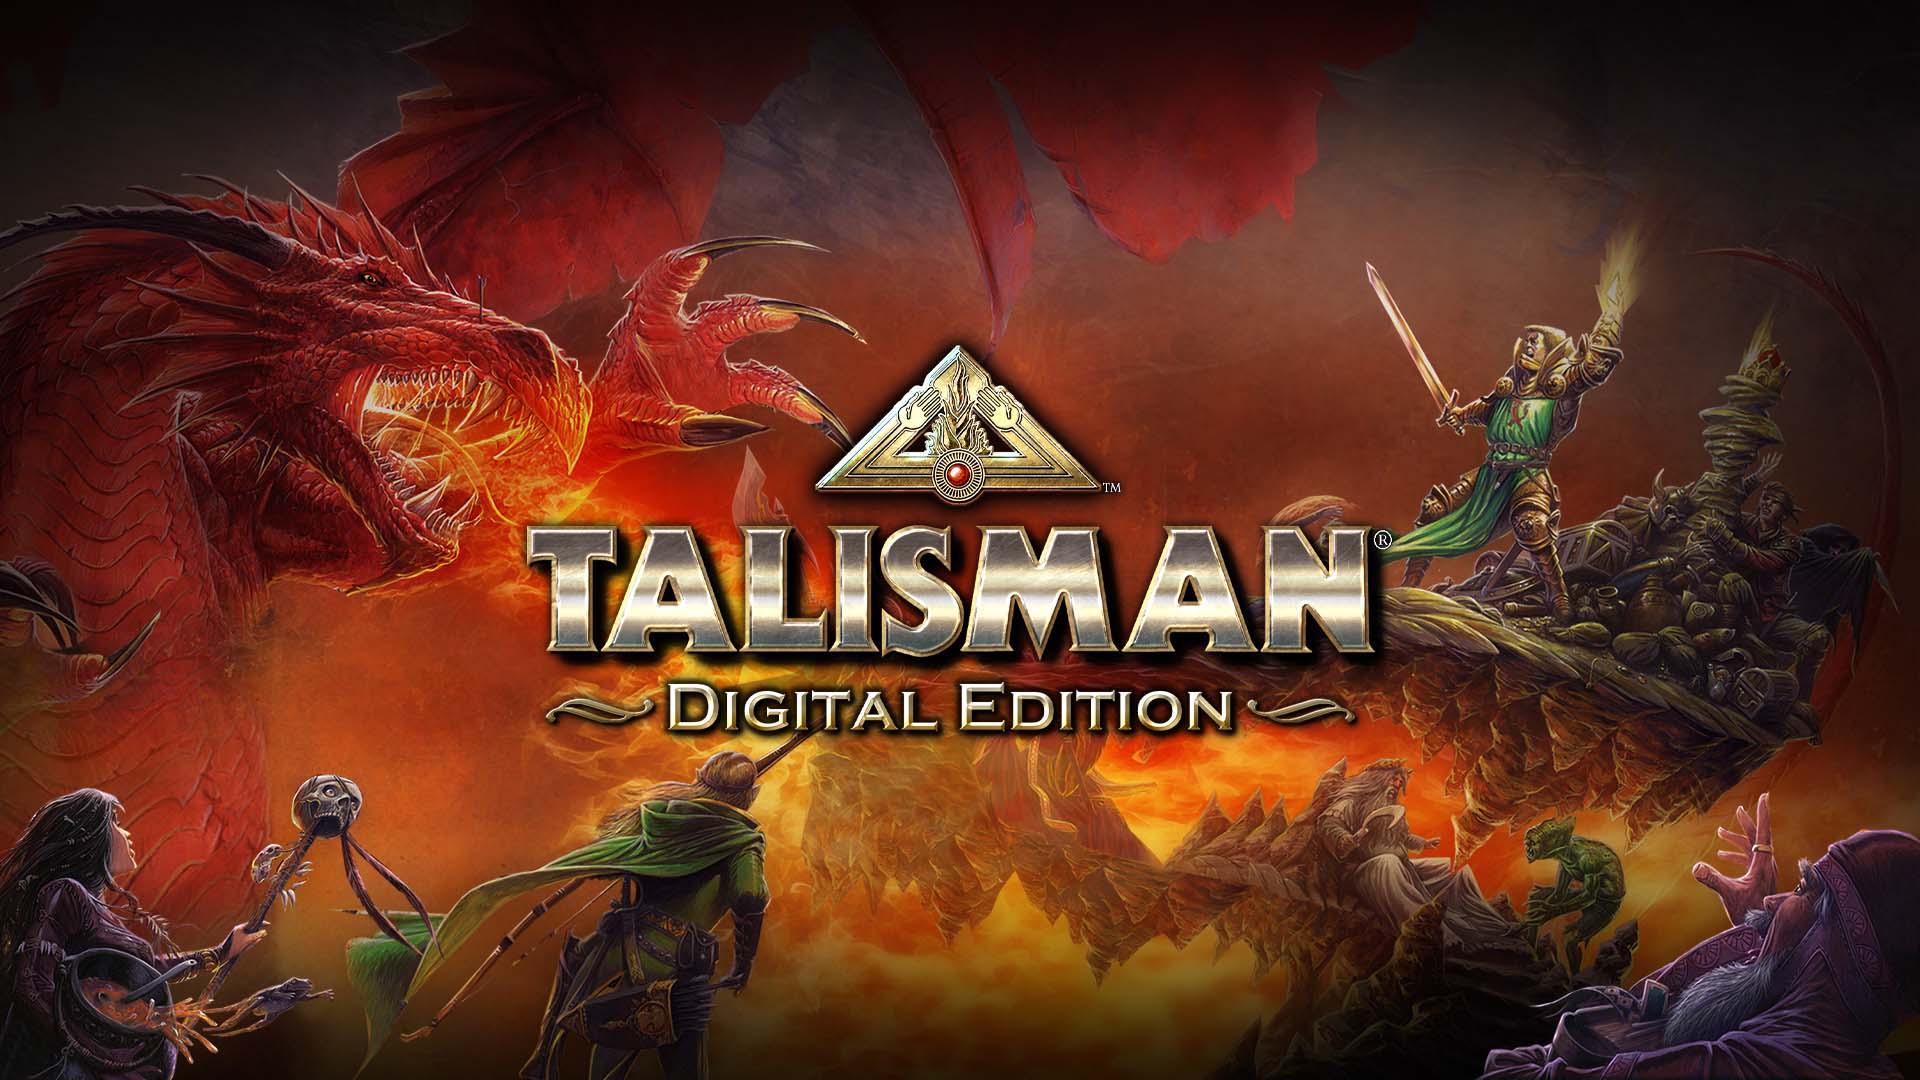 Talisman Digital Edition Free Download